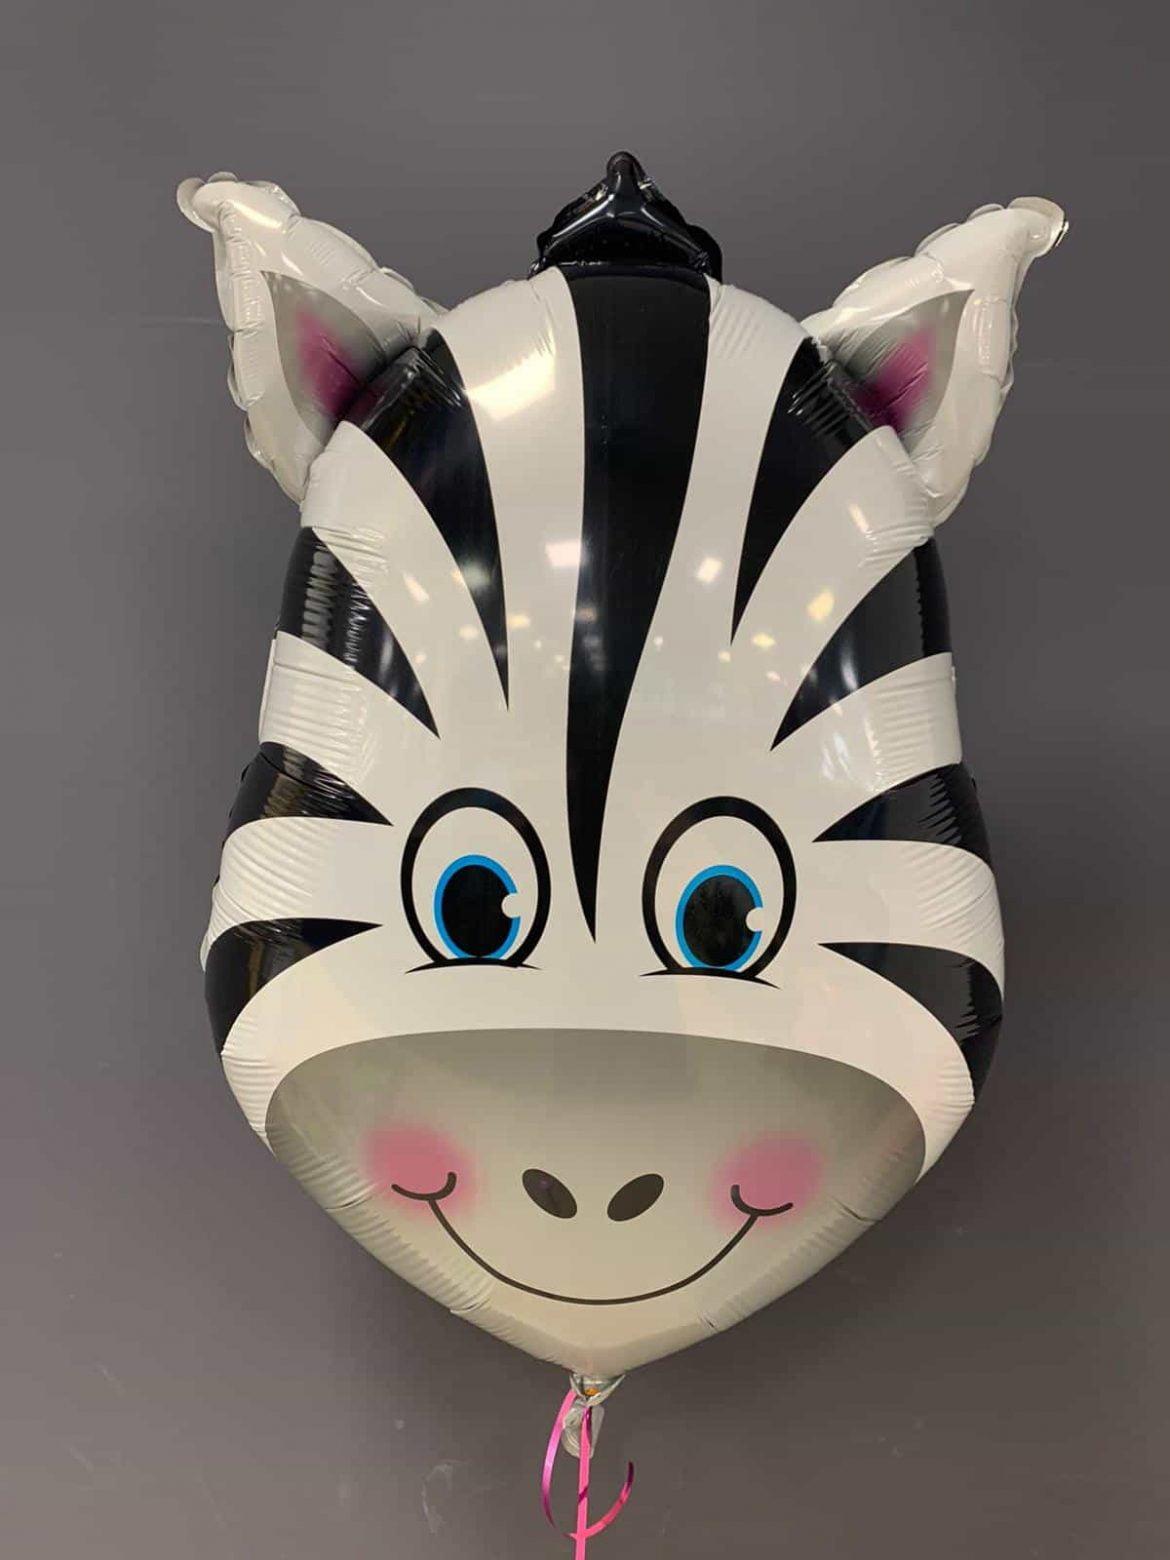 Zebra Heliumballon<br />80cm gross - € 7,90 1